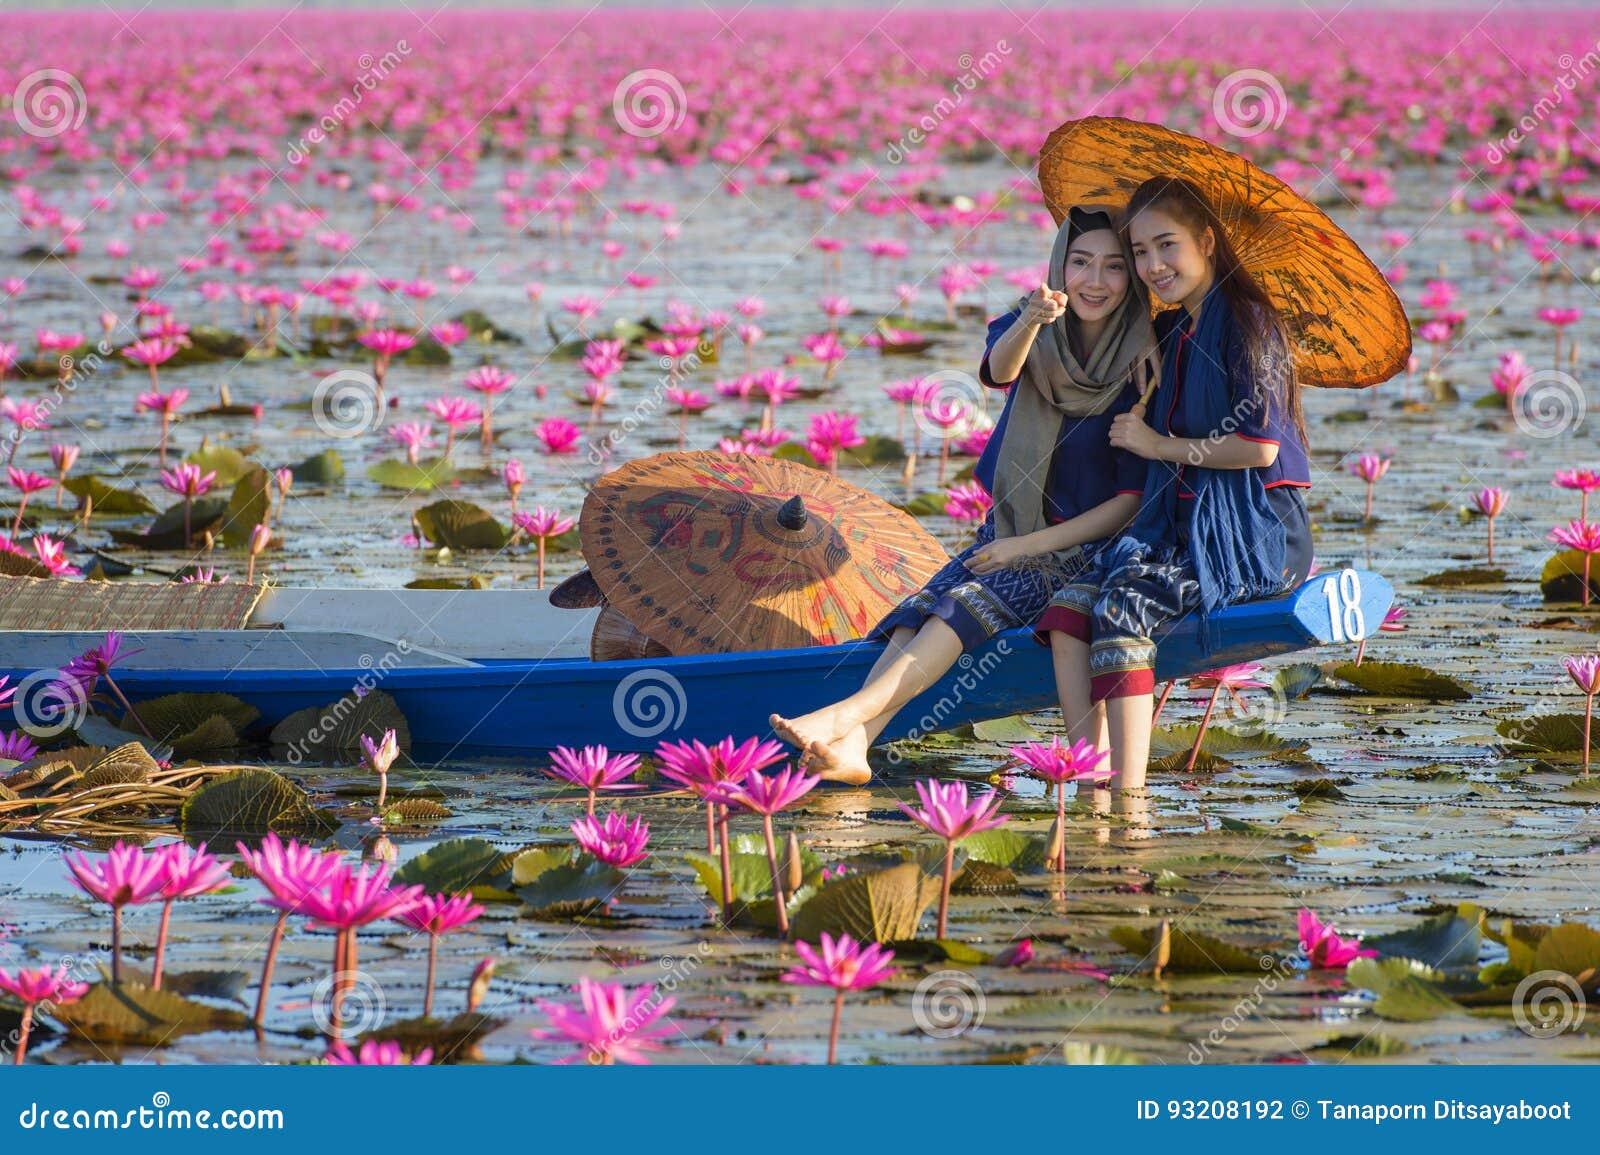 Συνεδρίαση γυναικών του Λάος στη βάρκα στη λίμνη λωτού λουλουδιών, γυναίκα που φορά τους παραδοσιακούς ταϊλανδικούς ανθρώπους